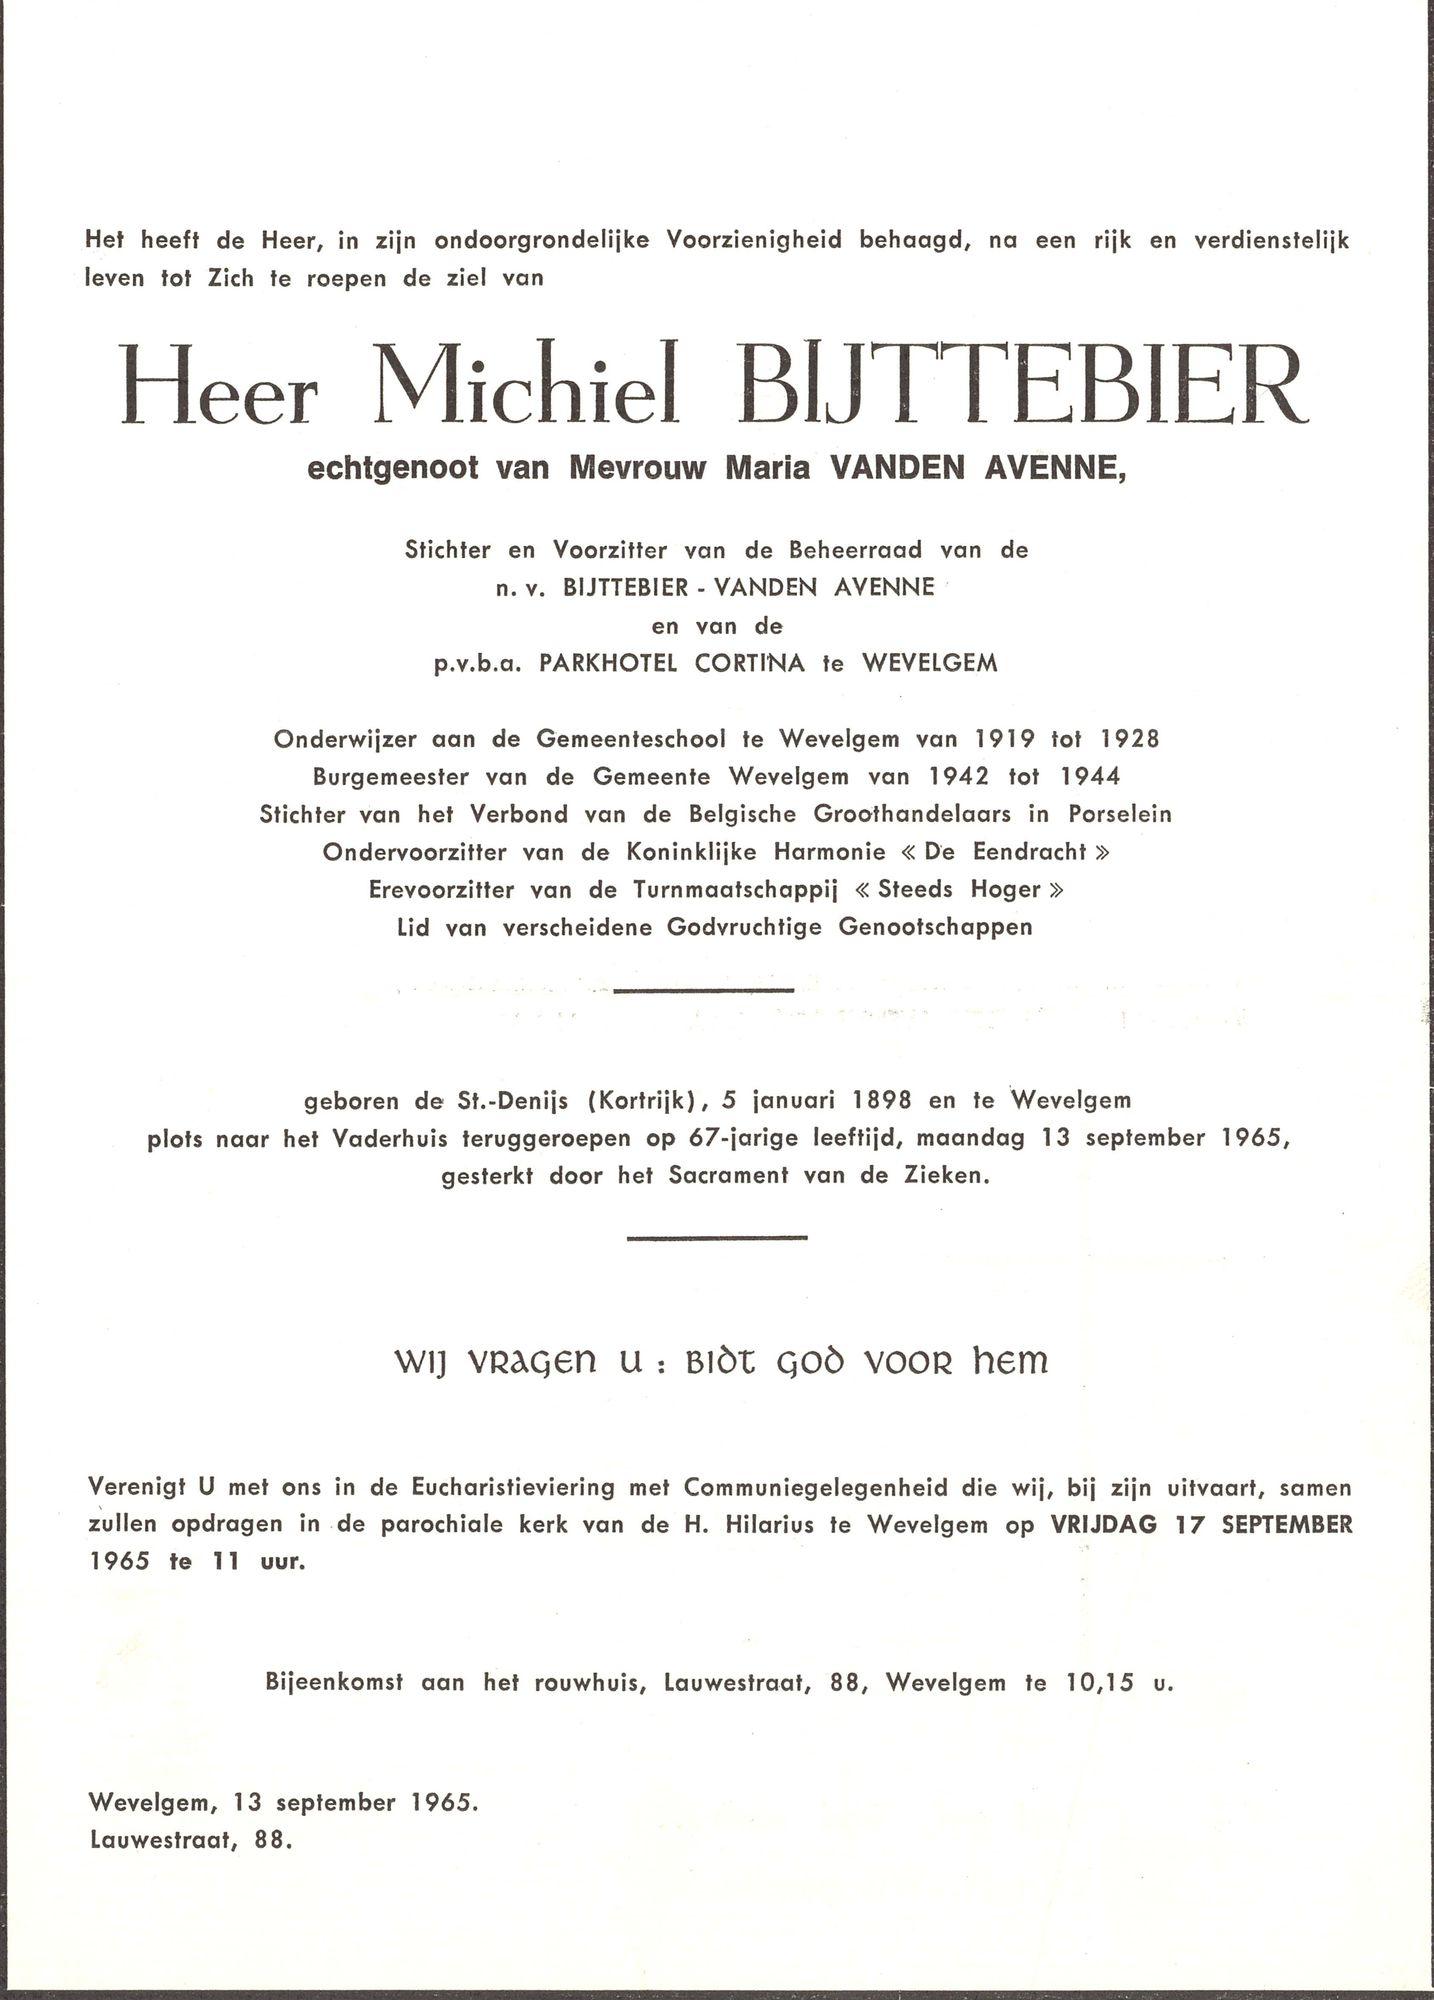 Michiel Bijttebier